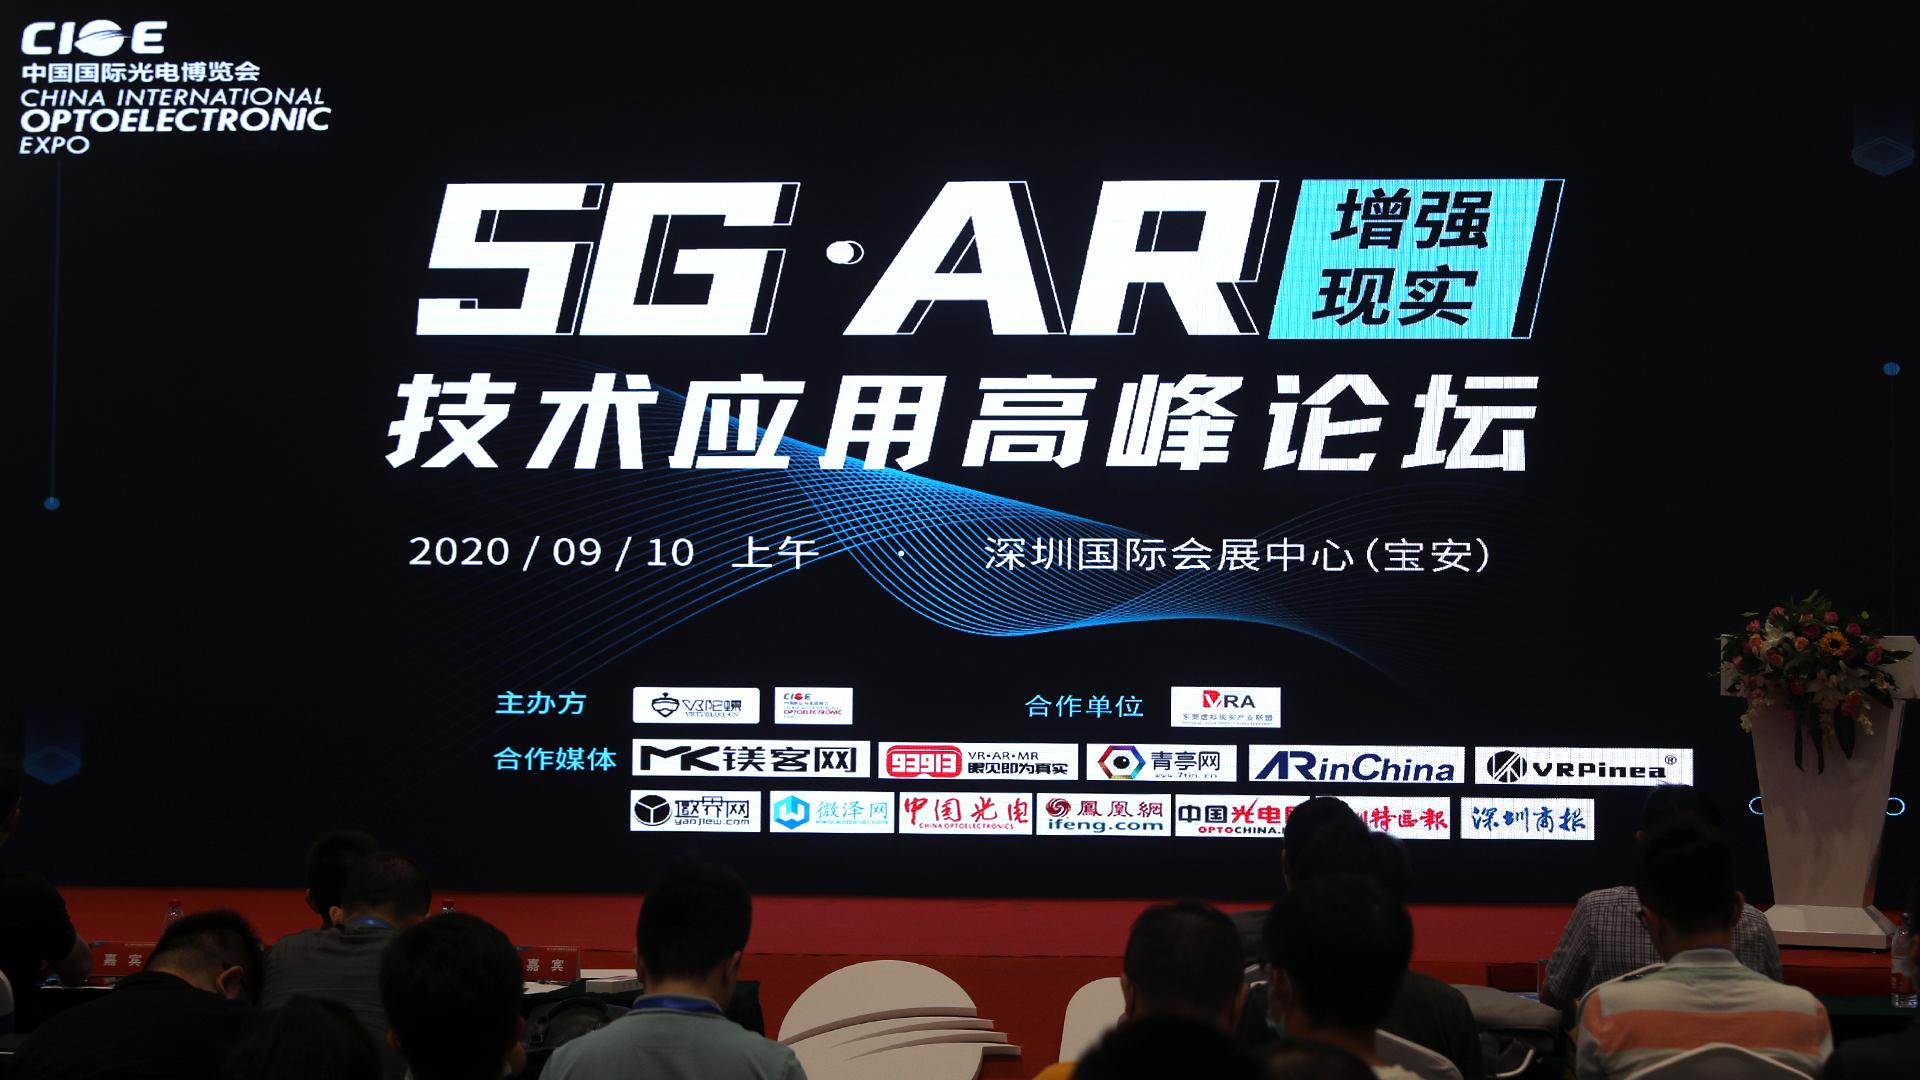 苹果在AR上的布局和战略解读 | 5G·AR(增强现实)技术应用高峰论坛